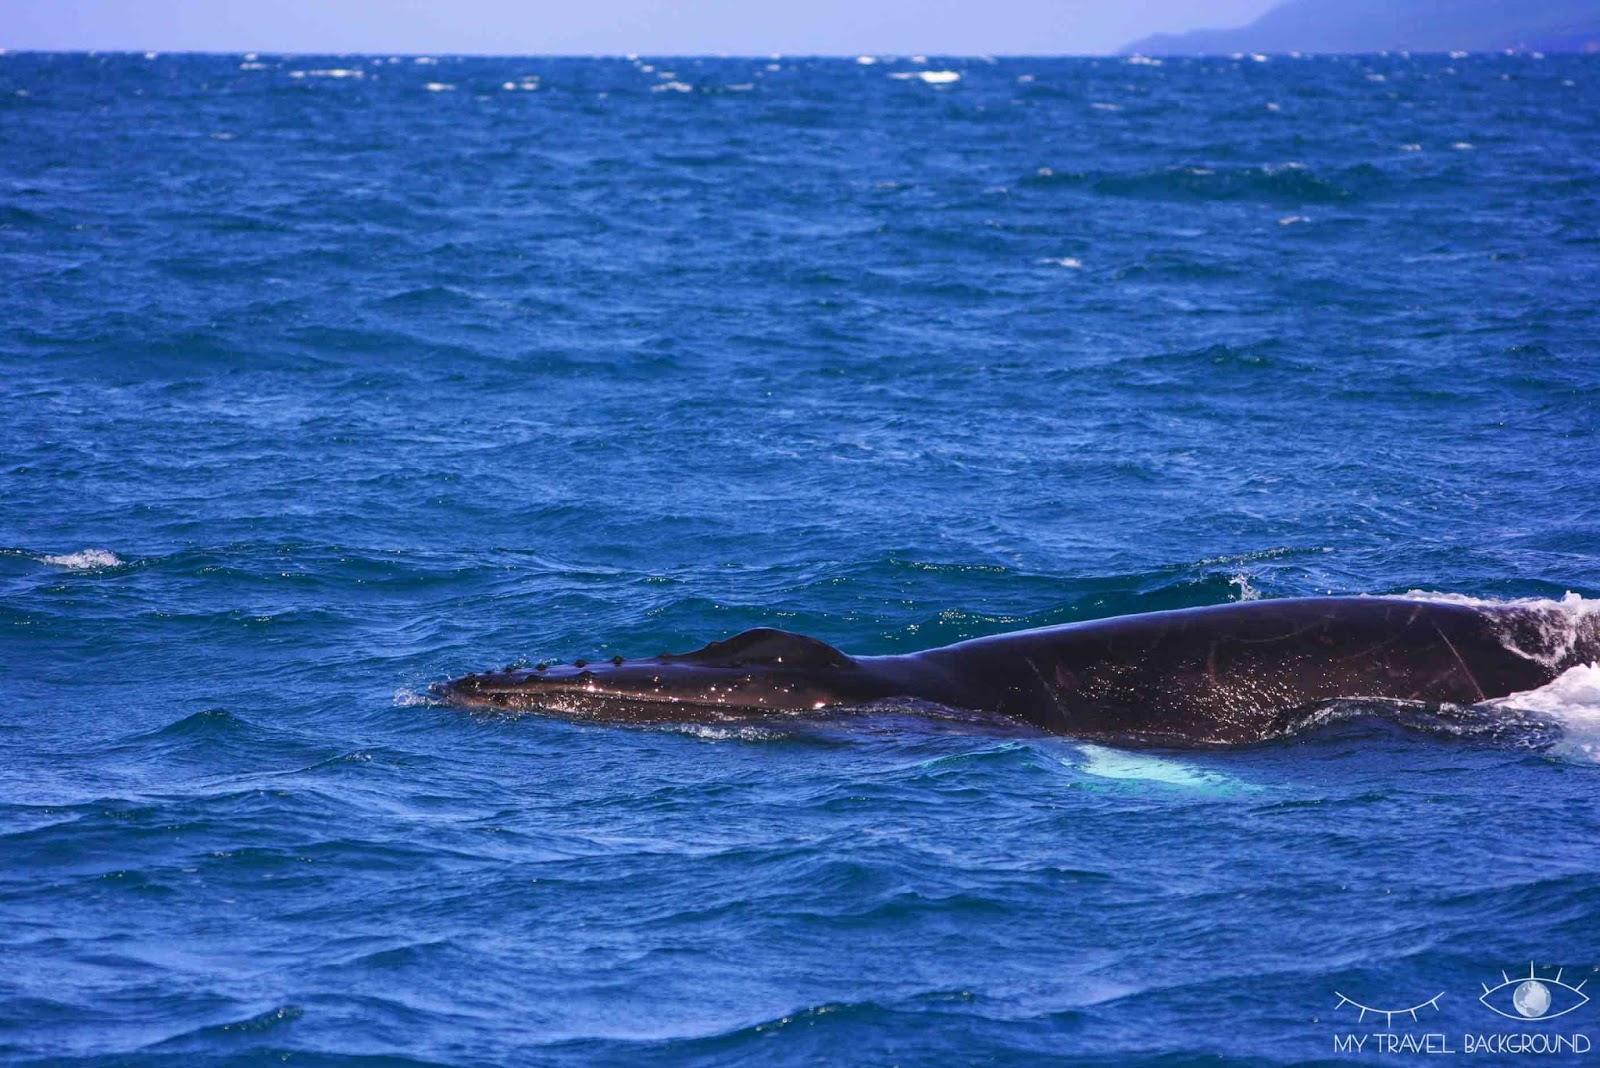 My Travel Background : 18 lieux à découvrir absolument en Islande, observer les baleines